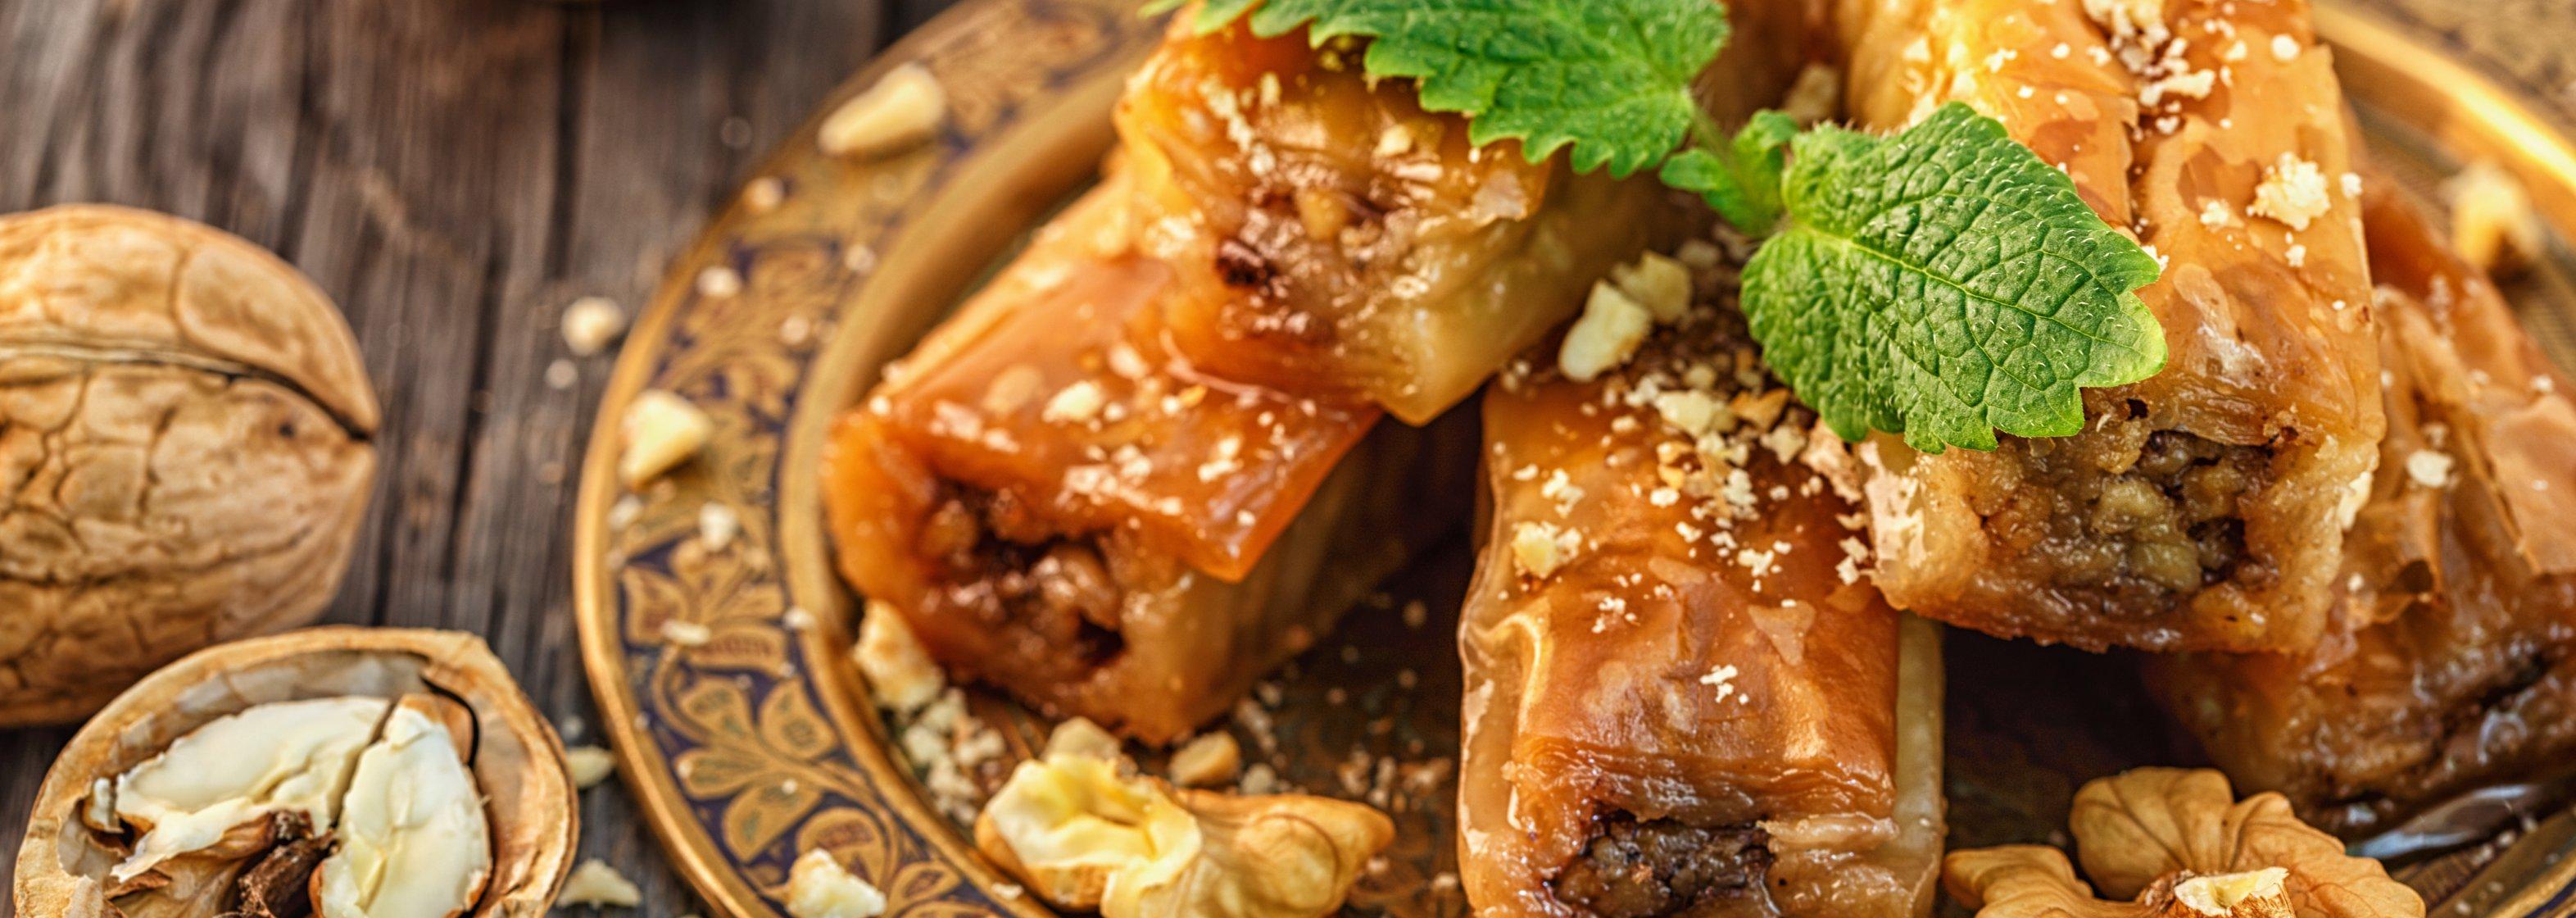 Baklava mit Walnüssen - Fasten zu Ramadan